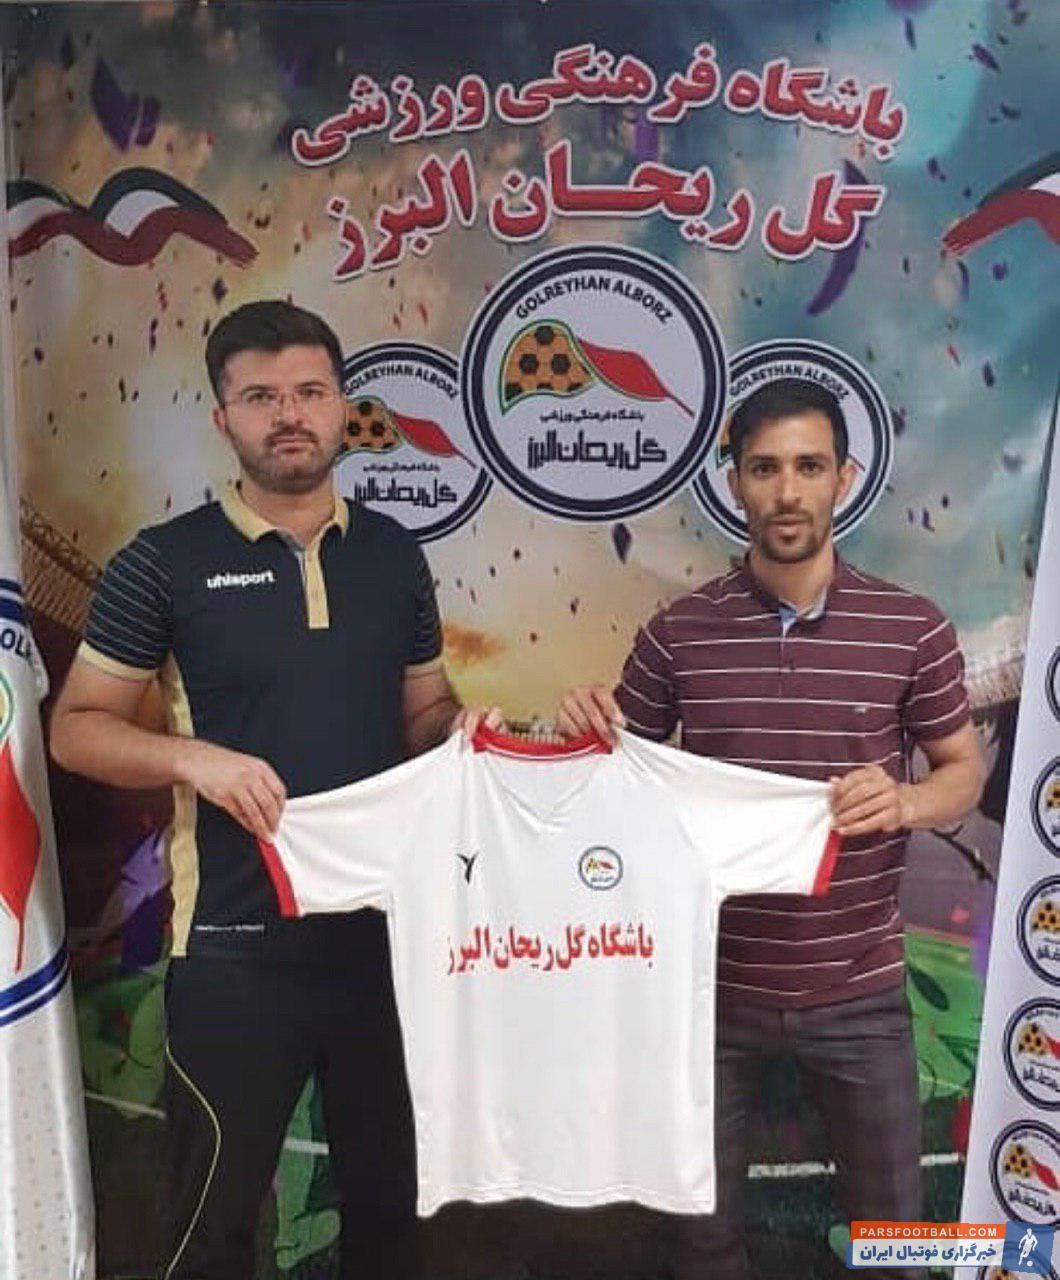 حسین پاپی هافبک باتجربه سپاهان سالها در این تیم بازی کرد حسین پاپی  بازوبند کاپیتانی طلایی پوشان اصفهانی را نیز به دست آورد .